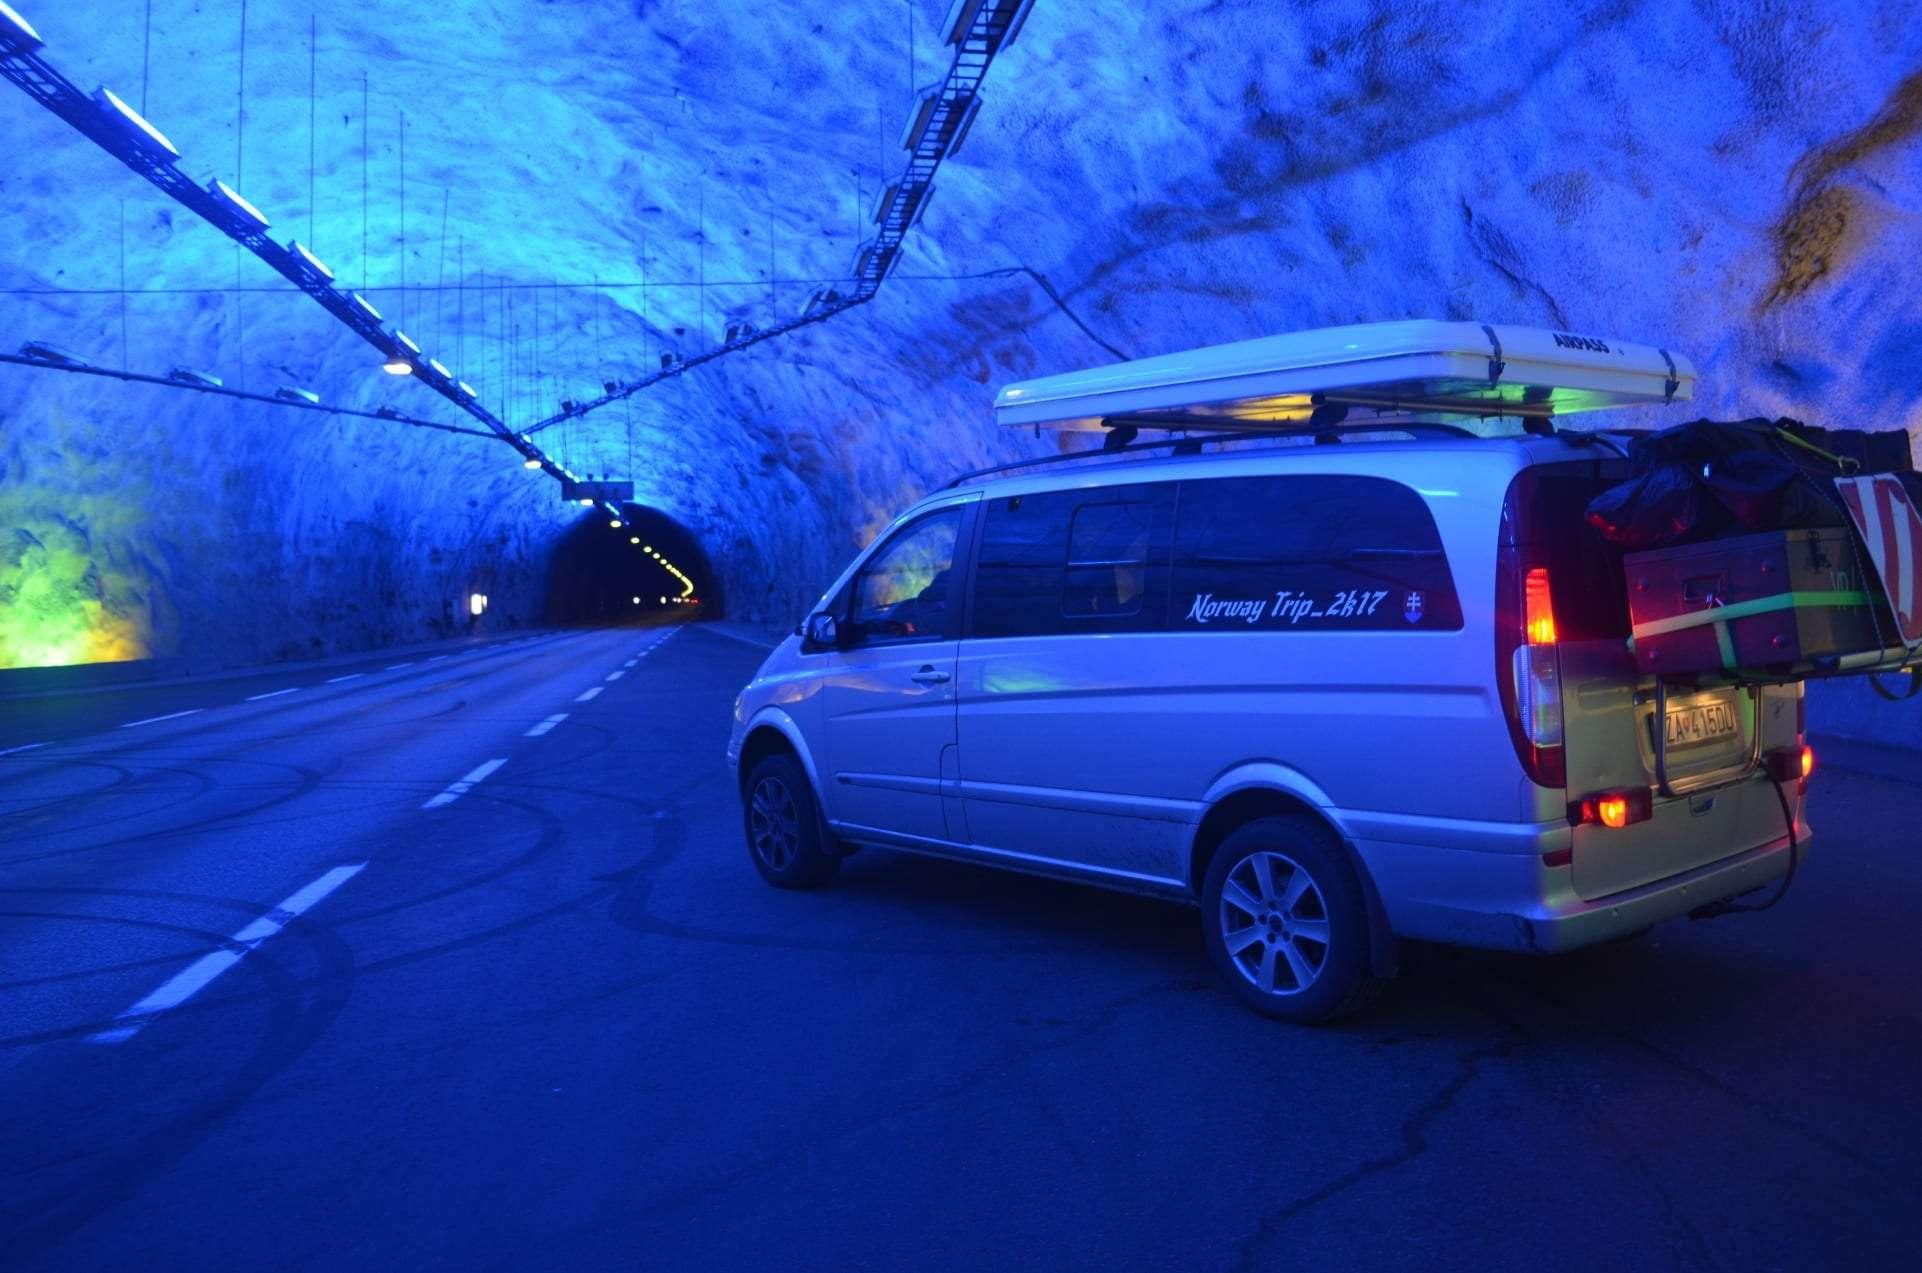 Norway Trip 2k17